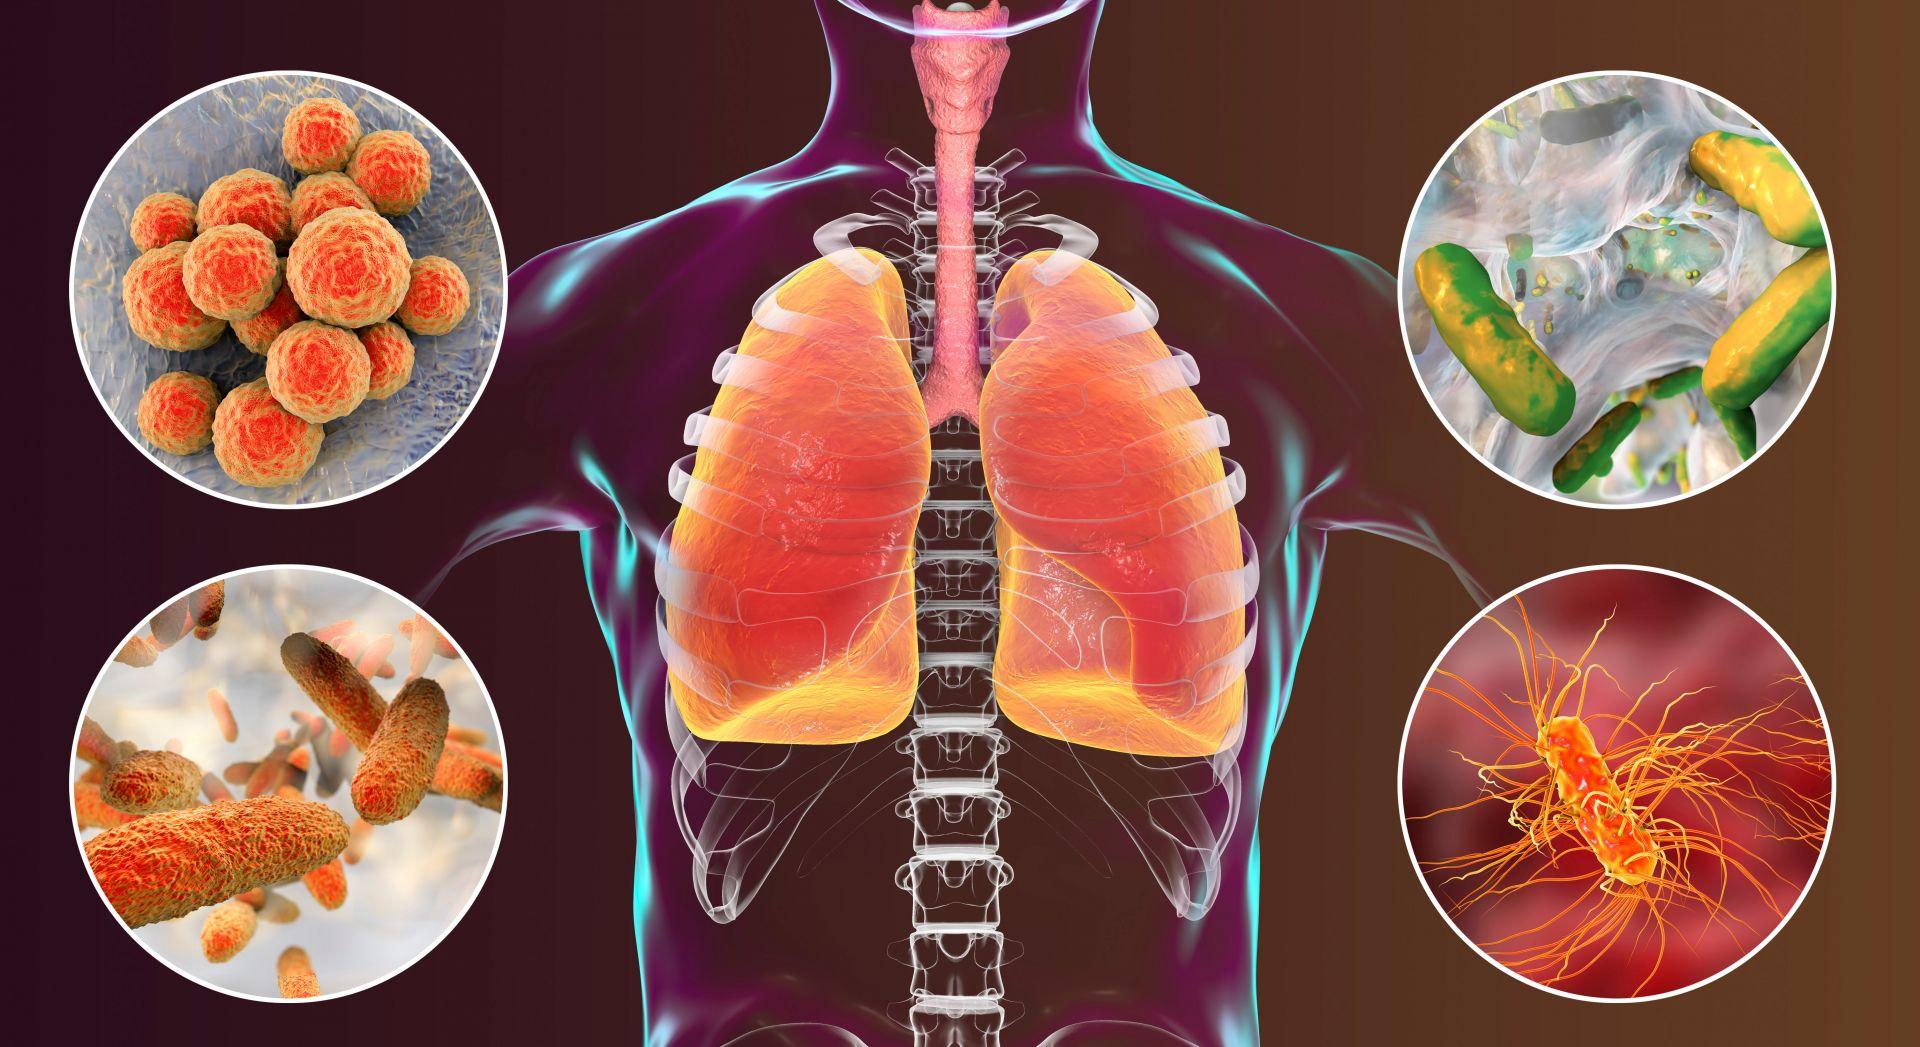 年奪1萬2千多條生命的肺炎 流感患者與65歲以上要當心!